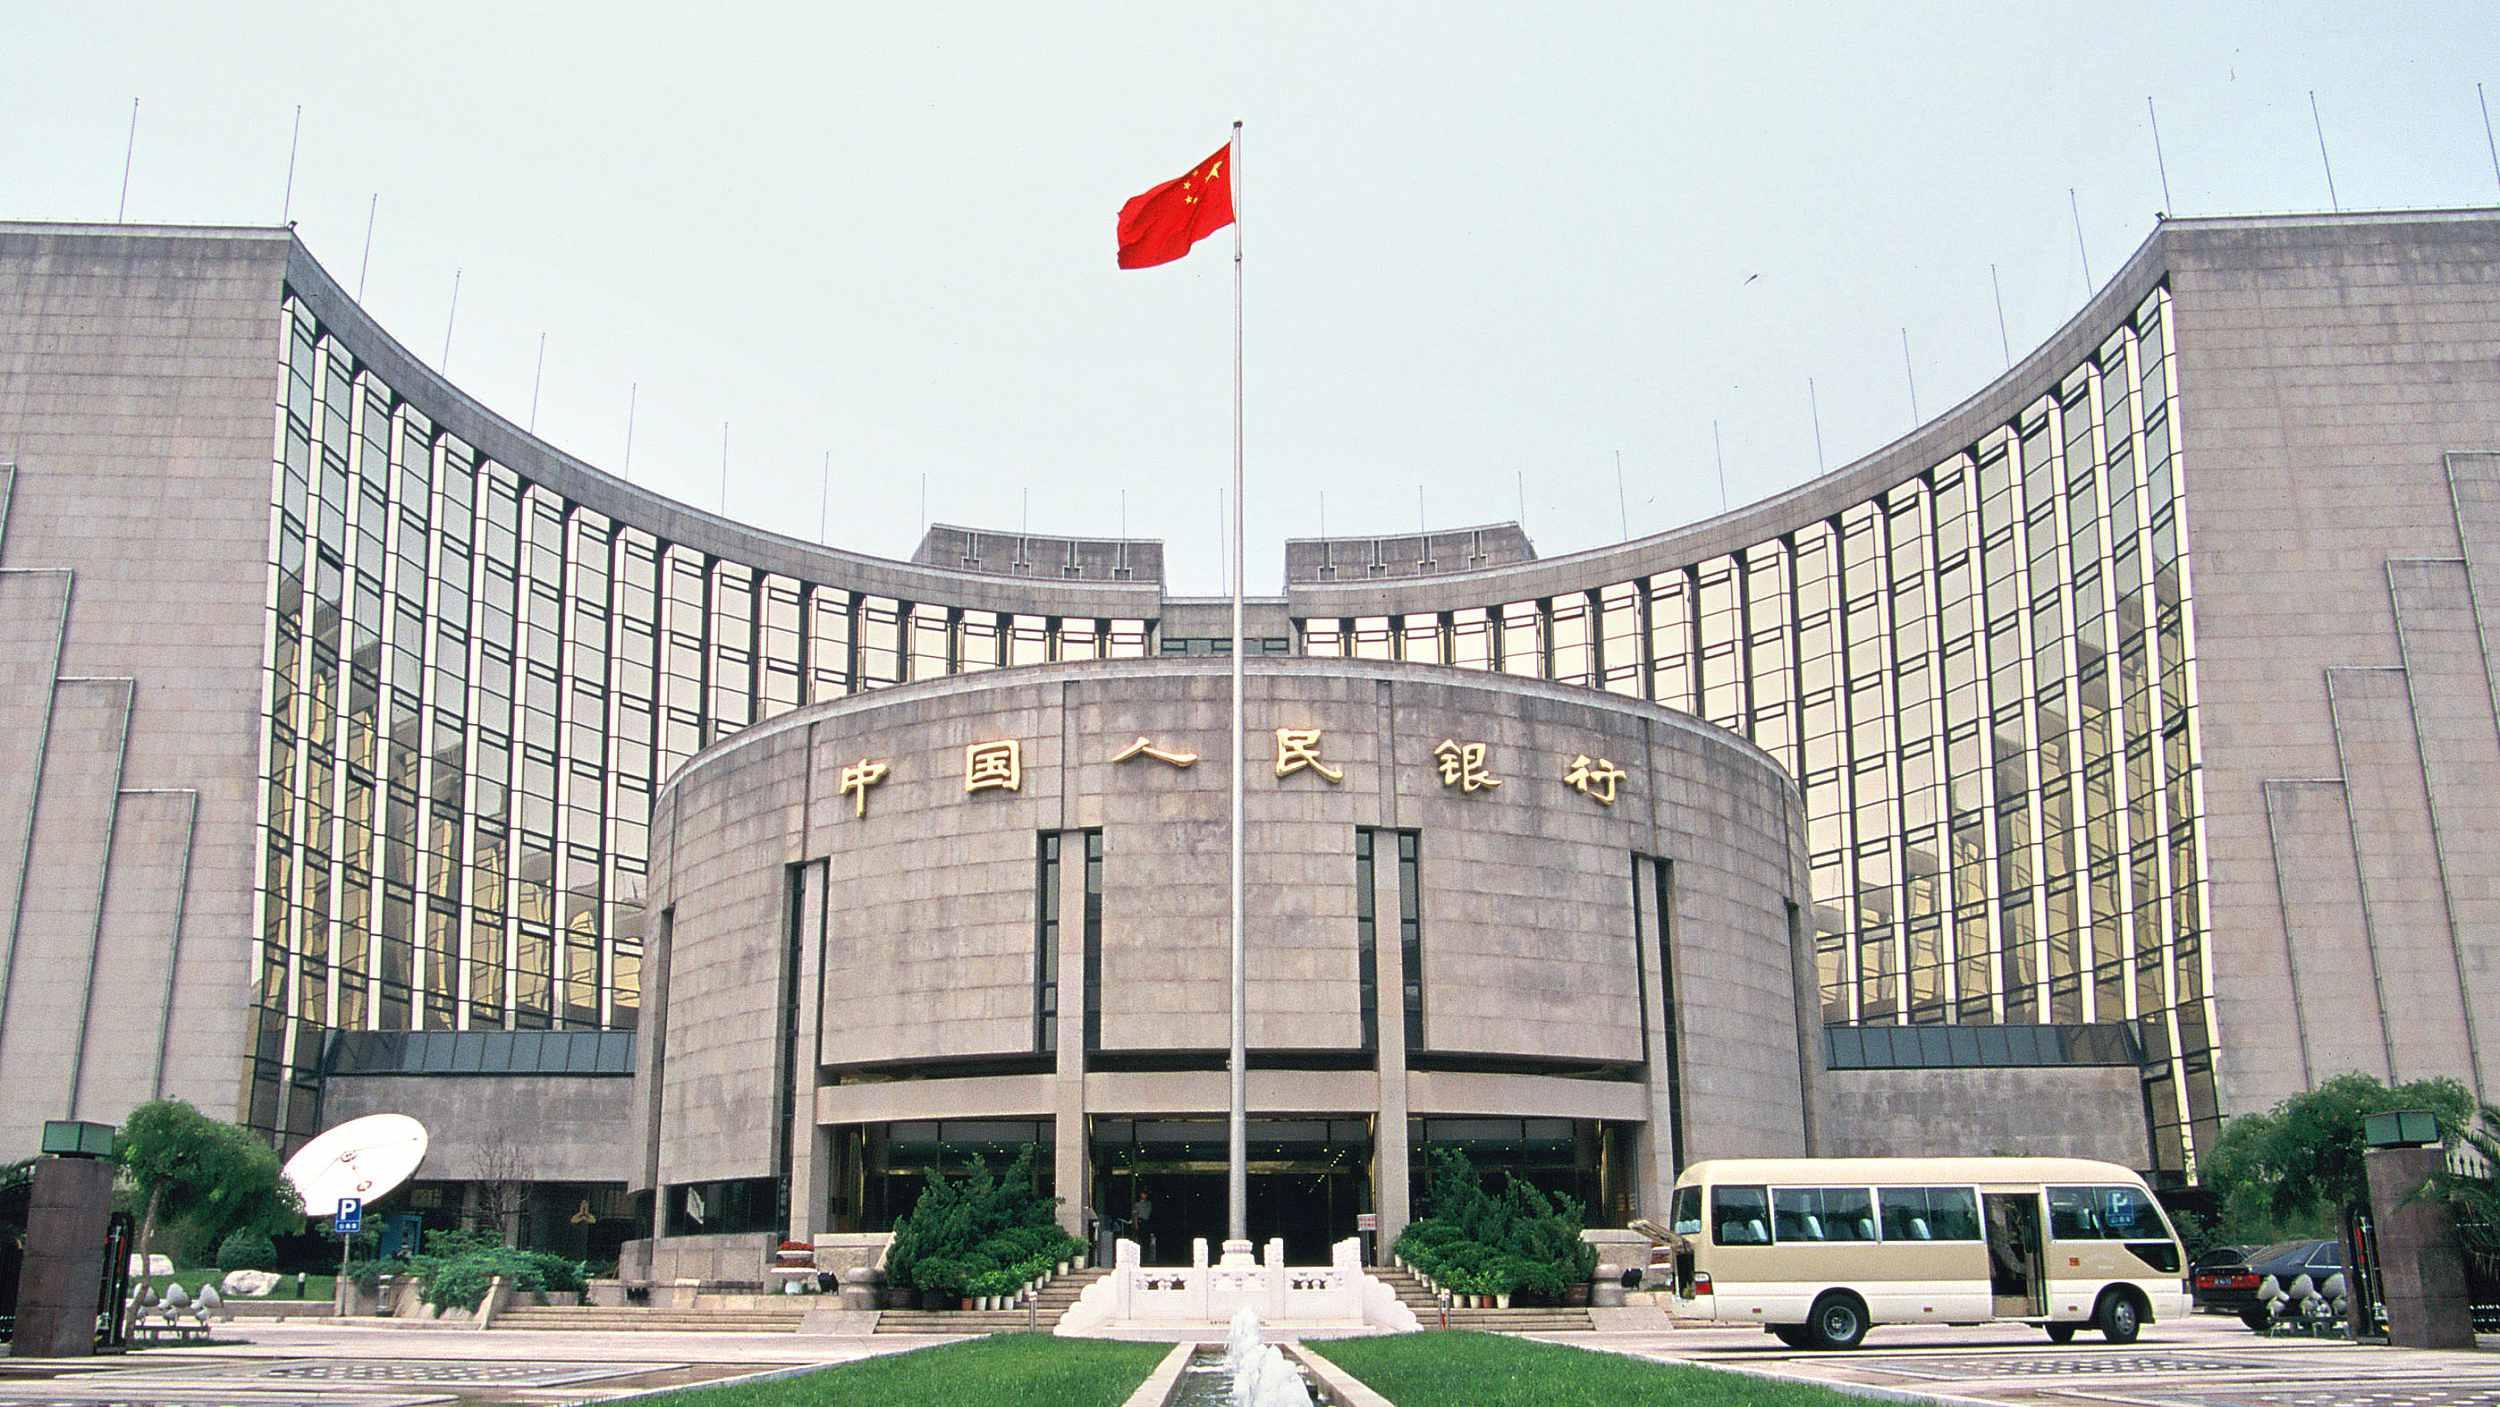 China's central bank issues 10 bln yuan of bills in Hong Kong